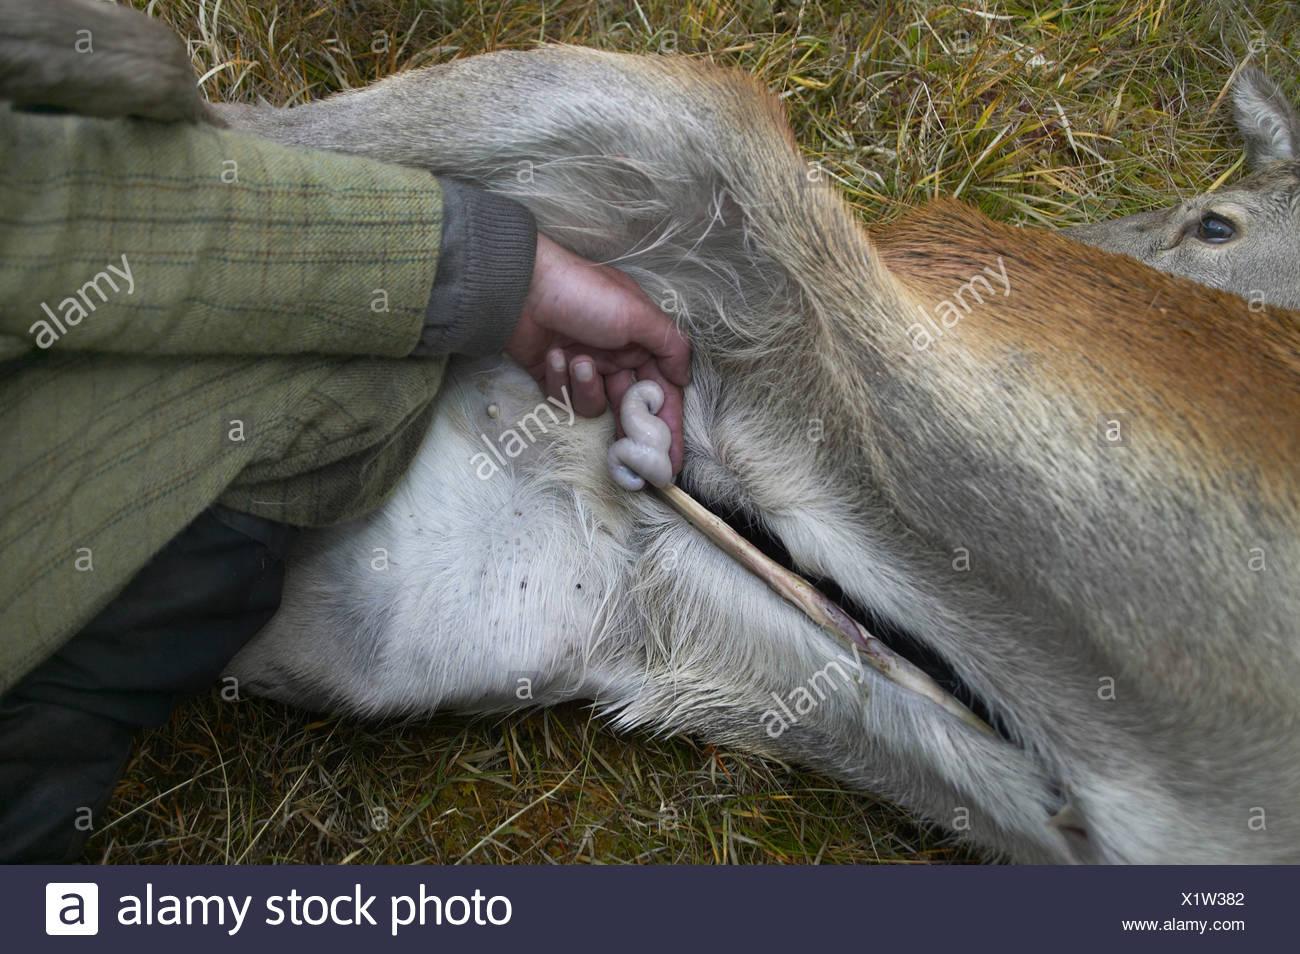 red deer (Cervus elaphus), stalker holding bowels between his hingers of a shot and opened animal, United Kingdom, Scotland, Sutherland, Alladale Wilderness Reserve - Stock Image